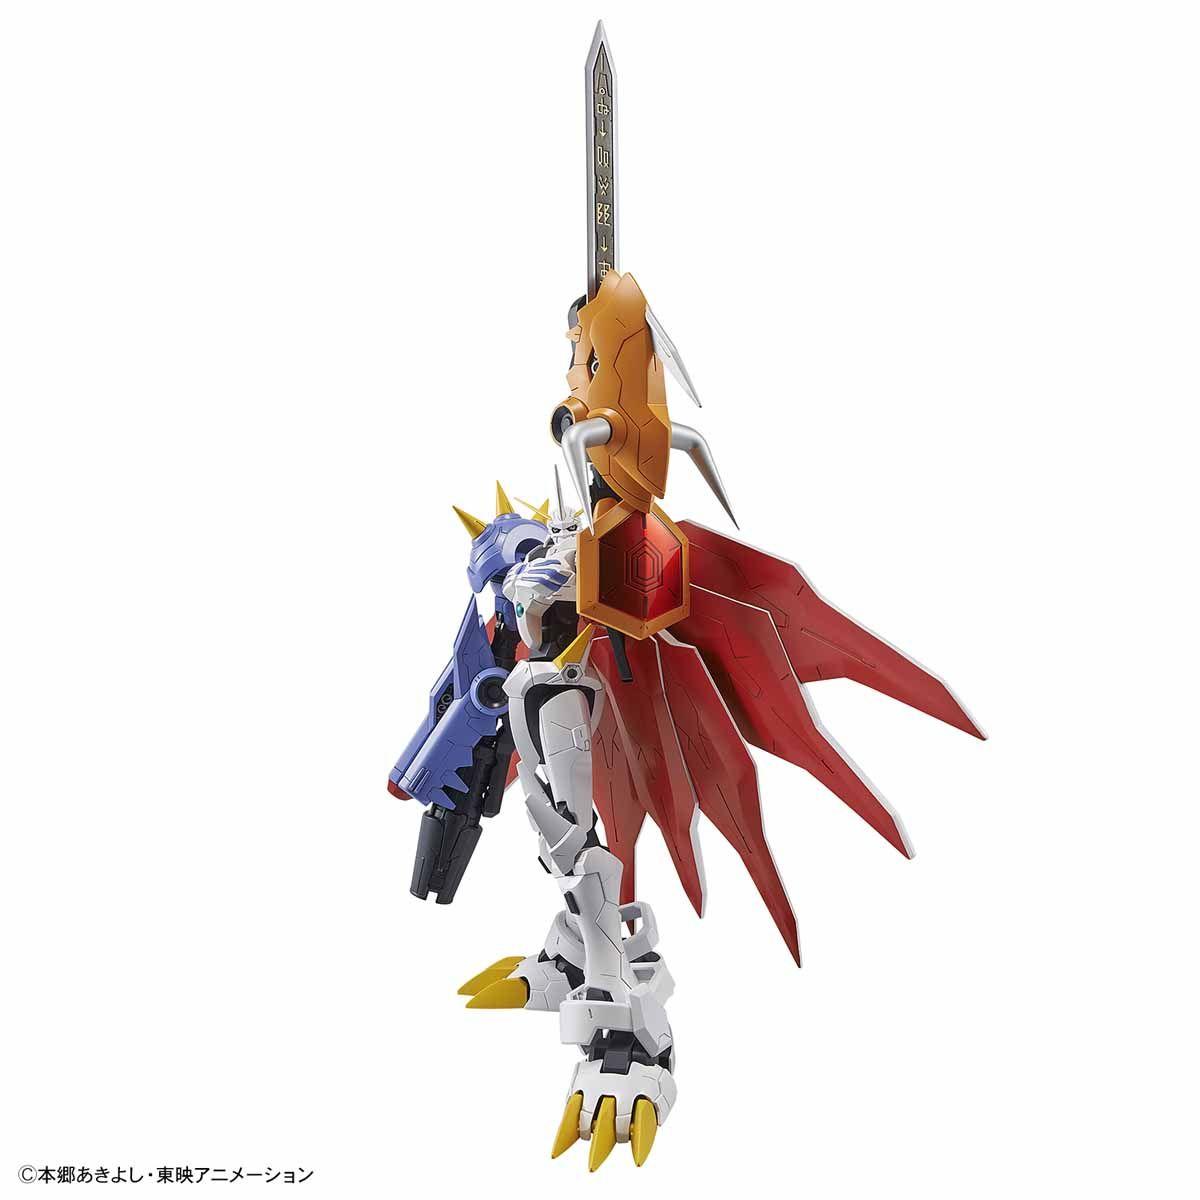 【再販】Figure-rise Standard『オメガモン(AMPLIFIED)』デジモンアドベンチャー プラモデル-004